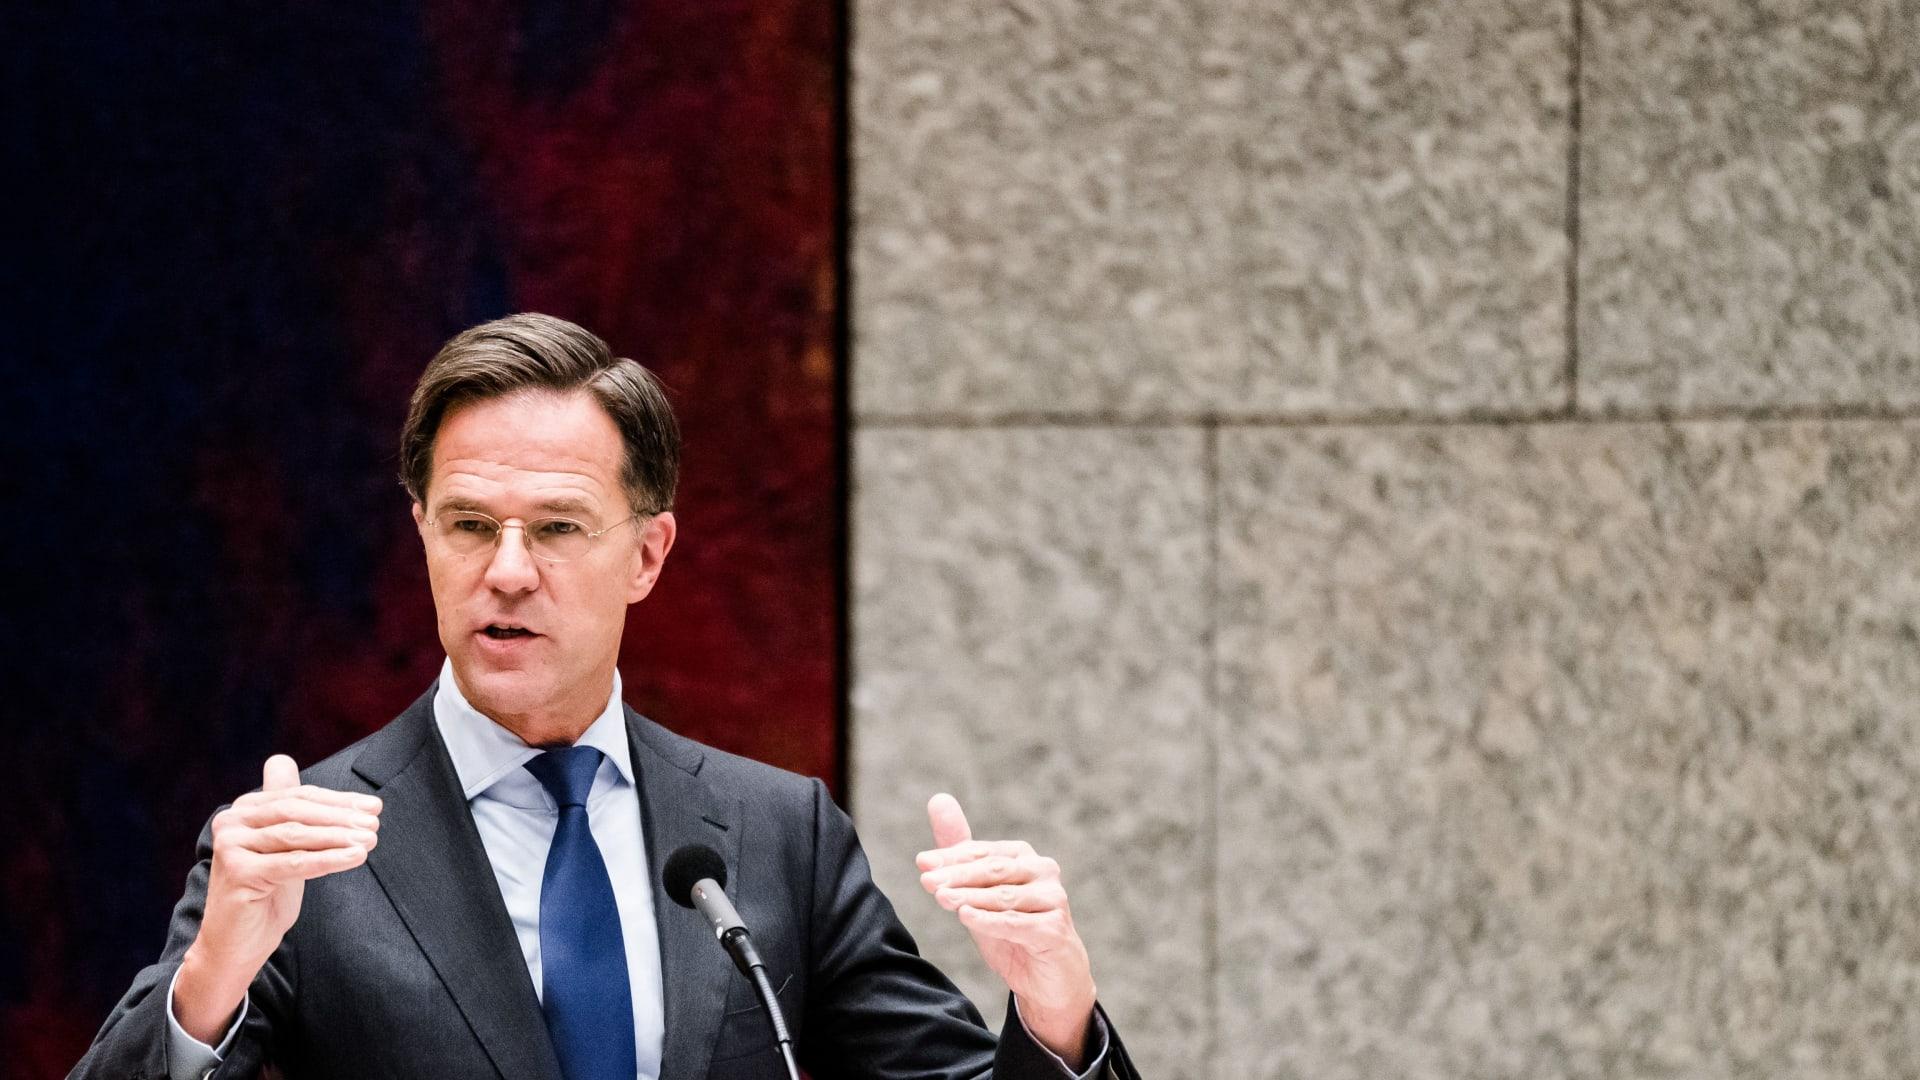 الحكومة الهولندية تستقيل بسبب فضيحة الاحتيال في إعانات رعاية الأطفال